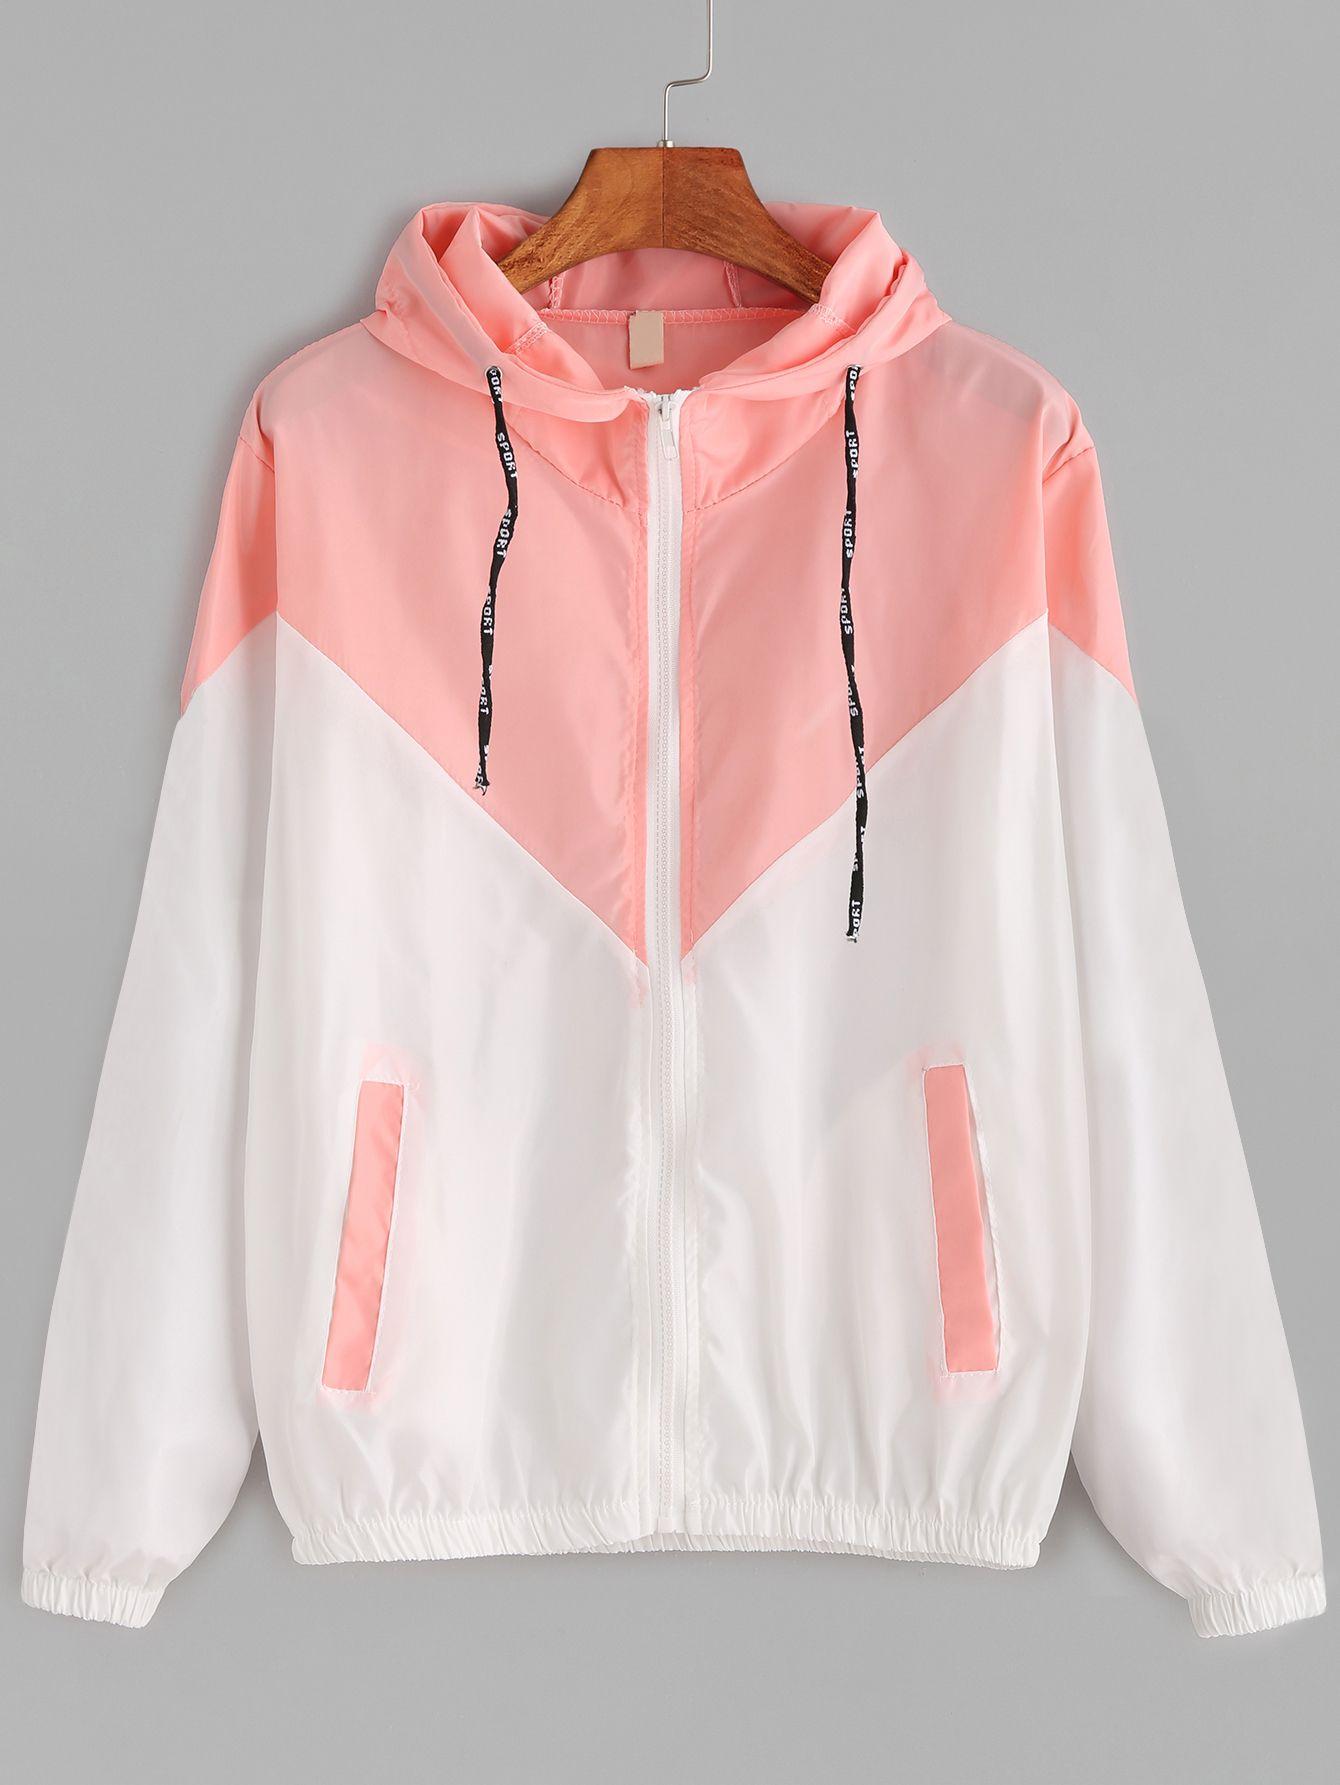 Contrast Drawstring Hooded Zip Up Jacket Mobile Site Em 2019